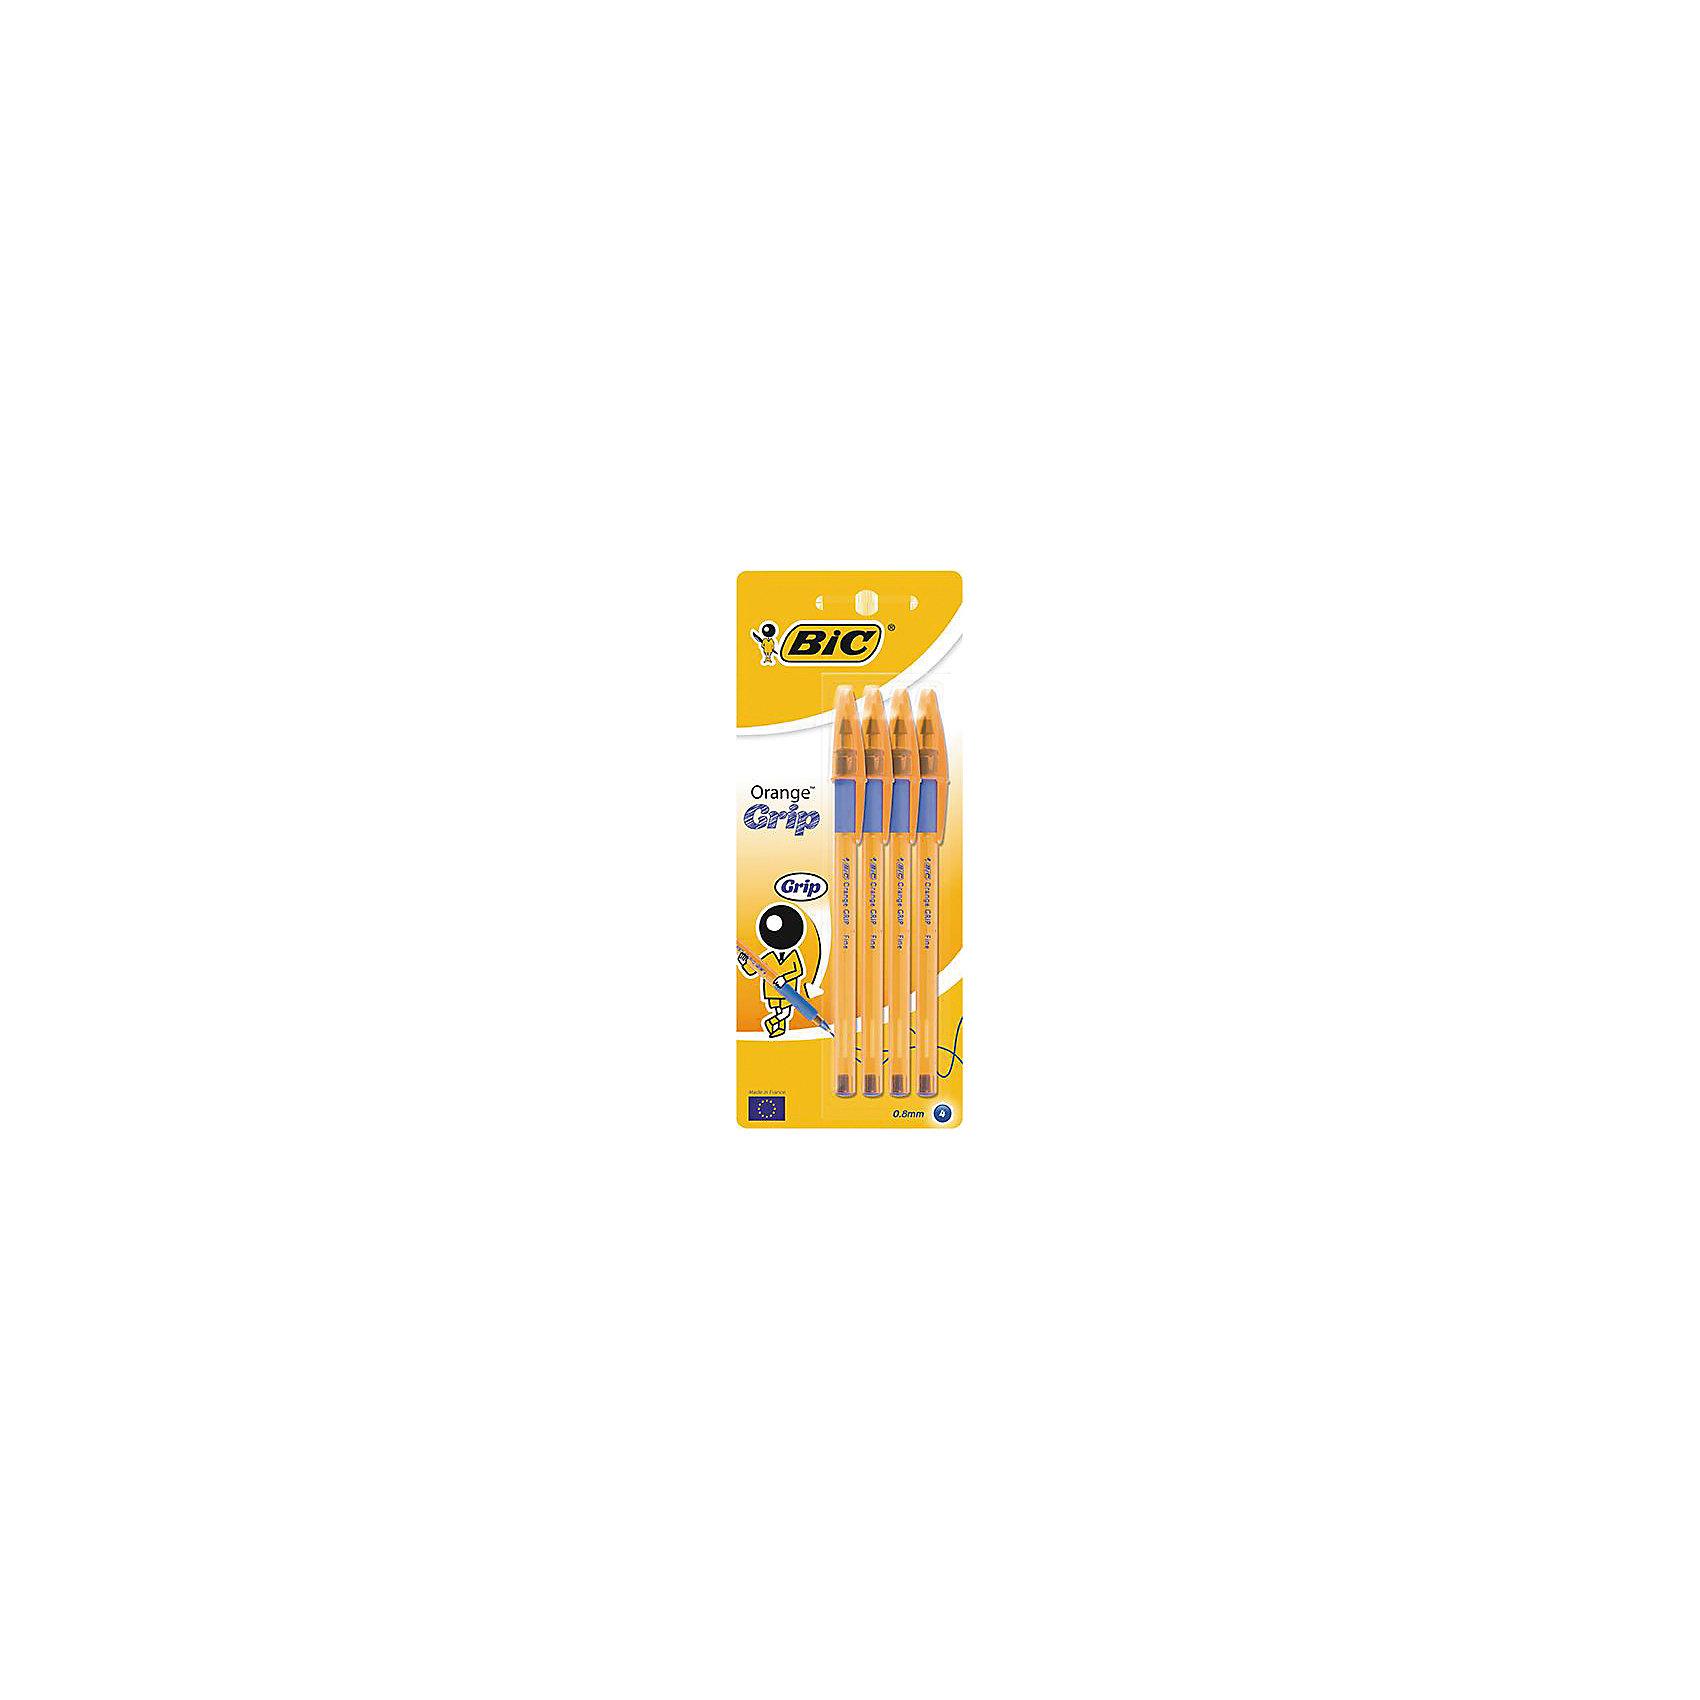 Набор синих шариковых ручек BIC Orange Grip, 4 шт.Письменные принадлежности<br>Набор синих шариковых ручек BIC Orange Grip, 4 шт.<br><br>Характеристики:<br><br>• Возраст: от 5 до 18 лет<br>• В наборе одноразовые шариковые ручки: 4 шт.<br>• Цвет чернил: синий<br>• Толщина линии: 0,35 мм.<br>• Корпус: пластиковый прозрачный, шестигранный<br>• Цвет корпуса: оранжевый<br>• Размер упаковки: 195х80х13 мм.<br><br>Одноразовая шариковая ручка BIC Cristal Orange пишет в 2 раза дольше, чем другие шариковые ручки. Мягкий резиновый грип препятствует скольжению пальцев. Пишущий узел с уменьшенным шариком гарантирует тонкую линию письма. Колпачок вентилируемый.<br><br>Набор синих шариковых ручек BIC Orange Grip, 4 шт. можно купить в нашем интернет-магазине.<br><br>Ширина мм: 18<br>Глубина мм: 80<br>Высота мм: 197<br>Вес г: 32<br>Возраст от месяцев: 60<br>Возраст до месяцев: 2147483647<br>Пол: Унисекс<br>Возраст: Детский<br>SKU: 5530018